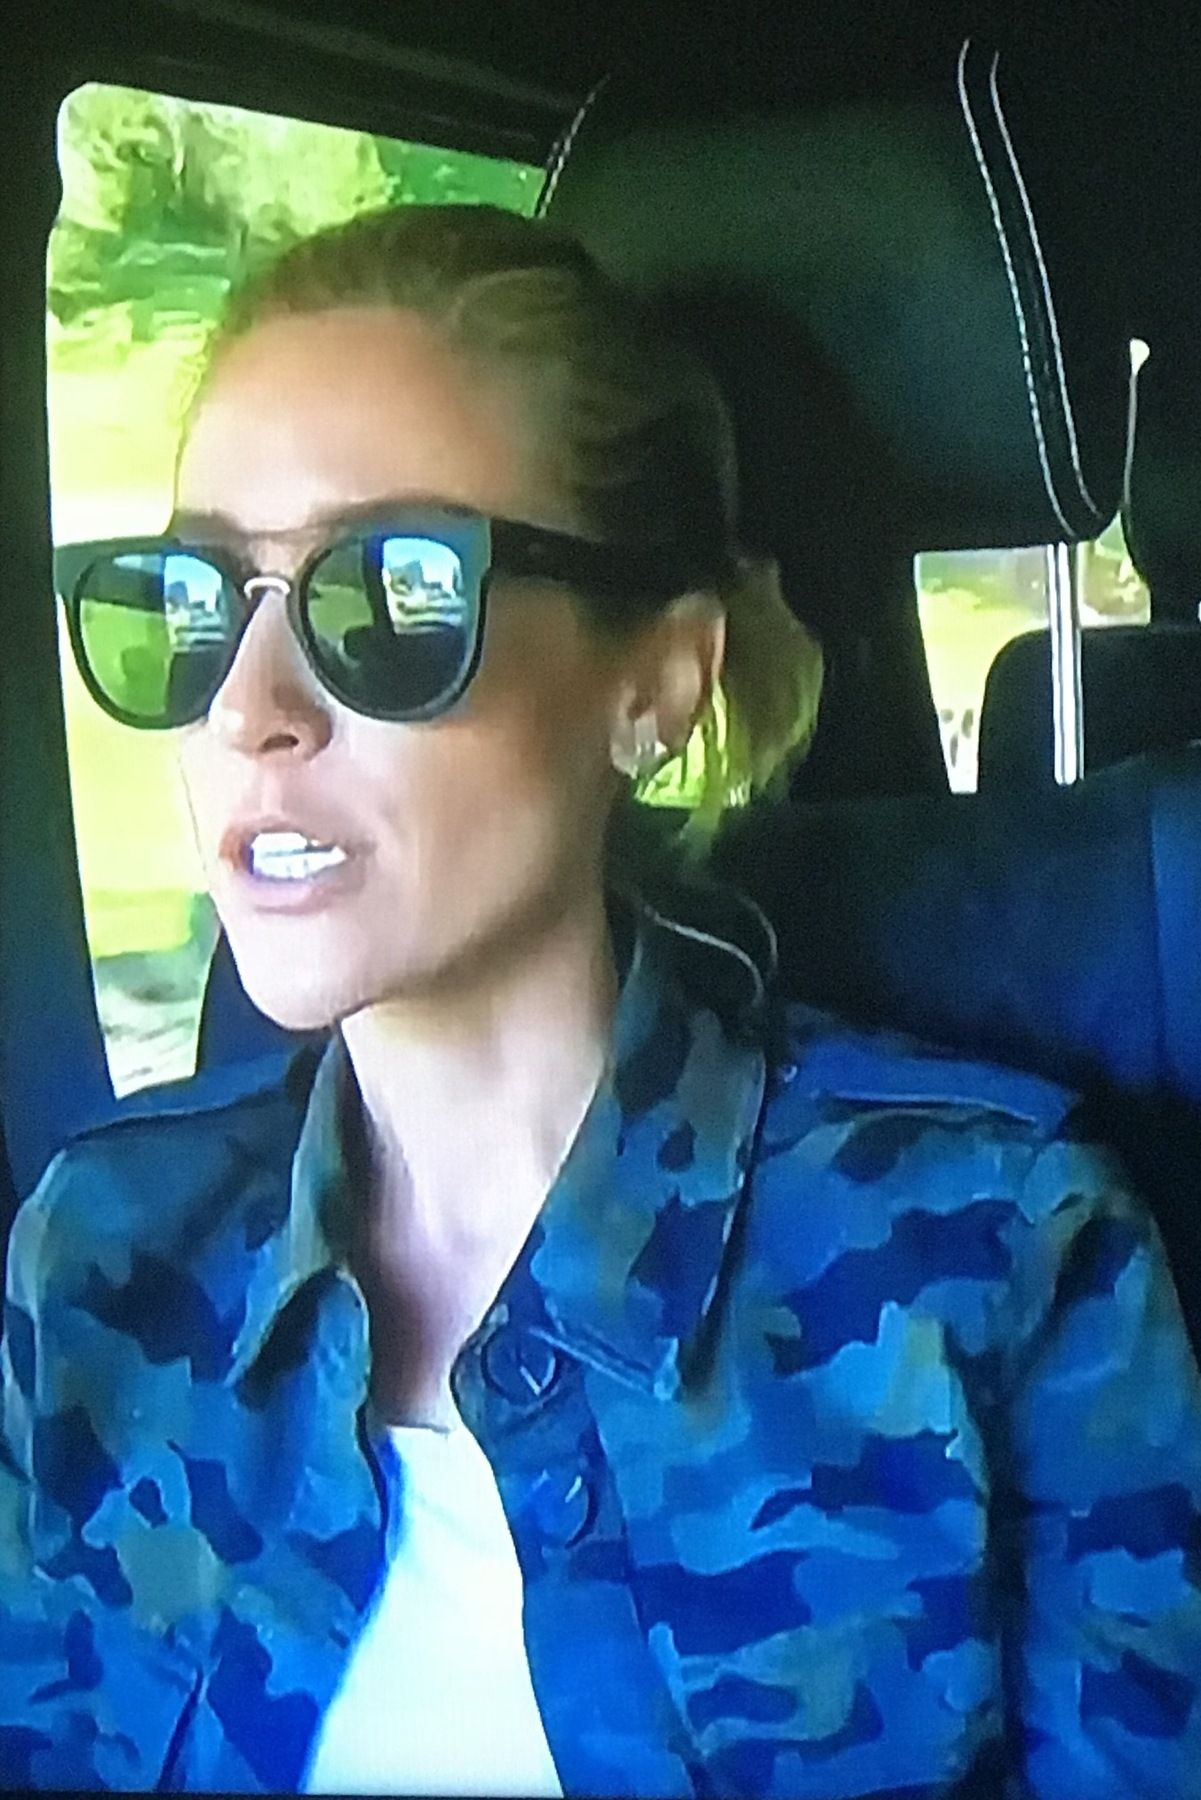 db5b1809d03 Kristin Cavallari wearing L agence Cromwell Camo Jacket and Quay Odin  Sunglasses